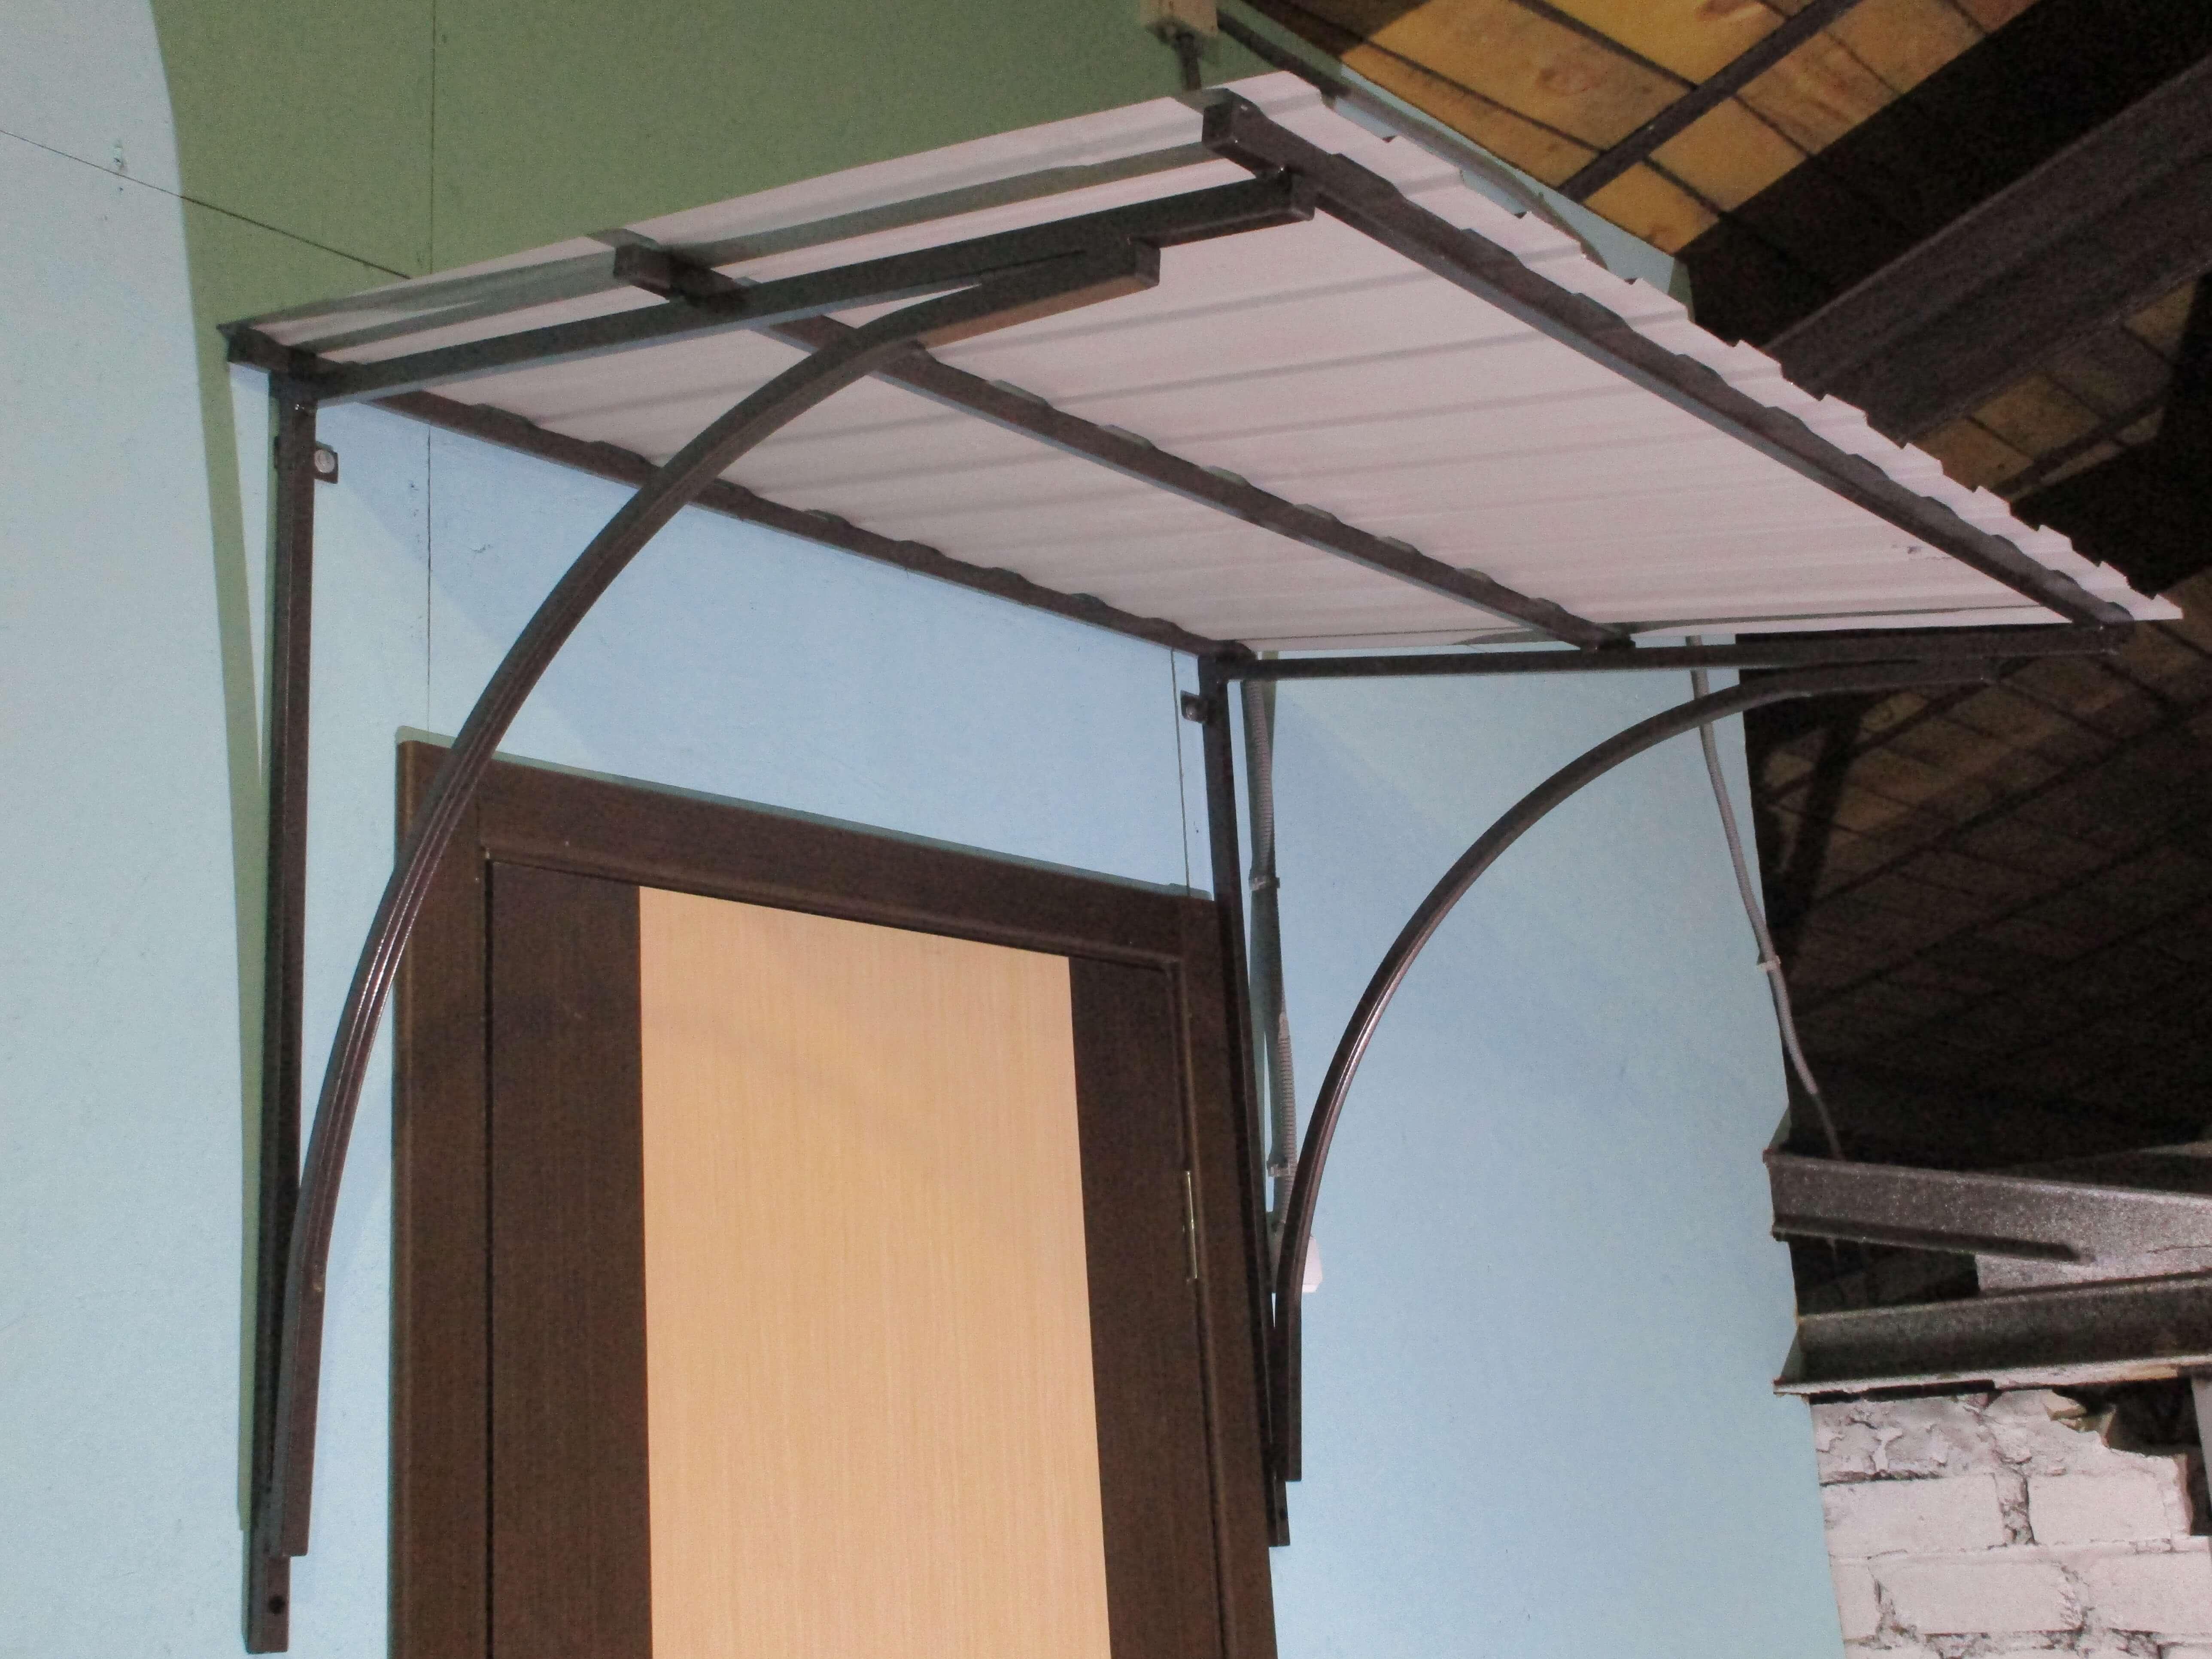 Строительство навеса над крыльцом частного дома – фото и обзор разных козырьков